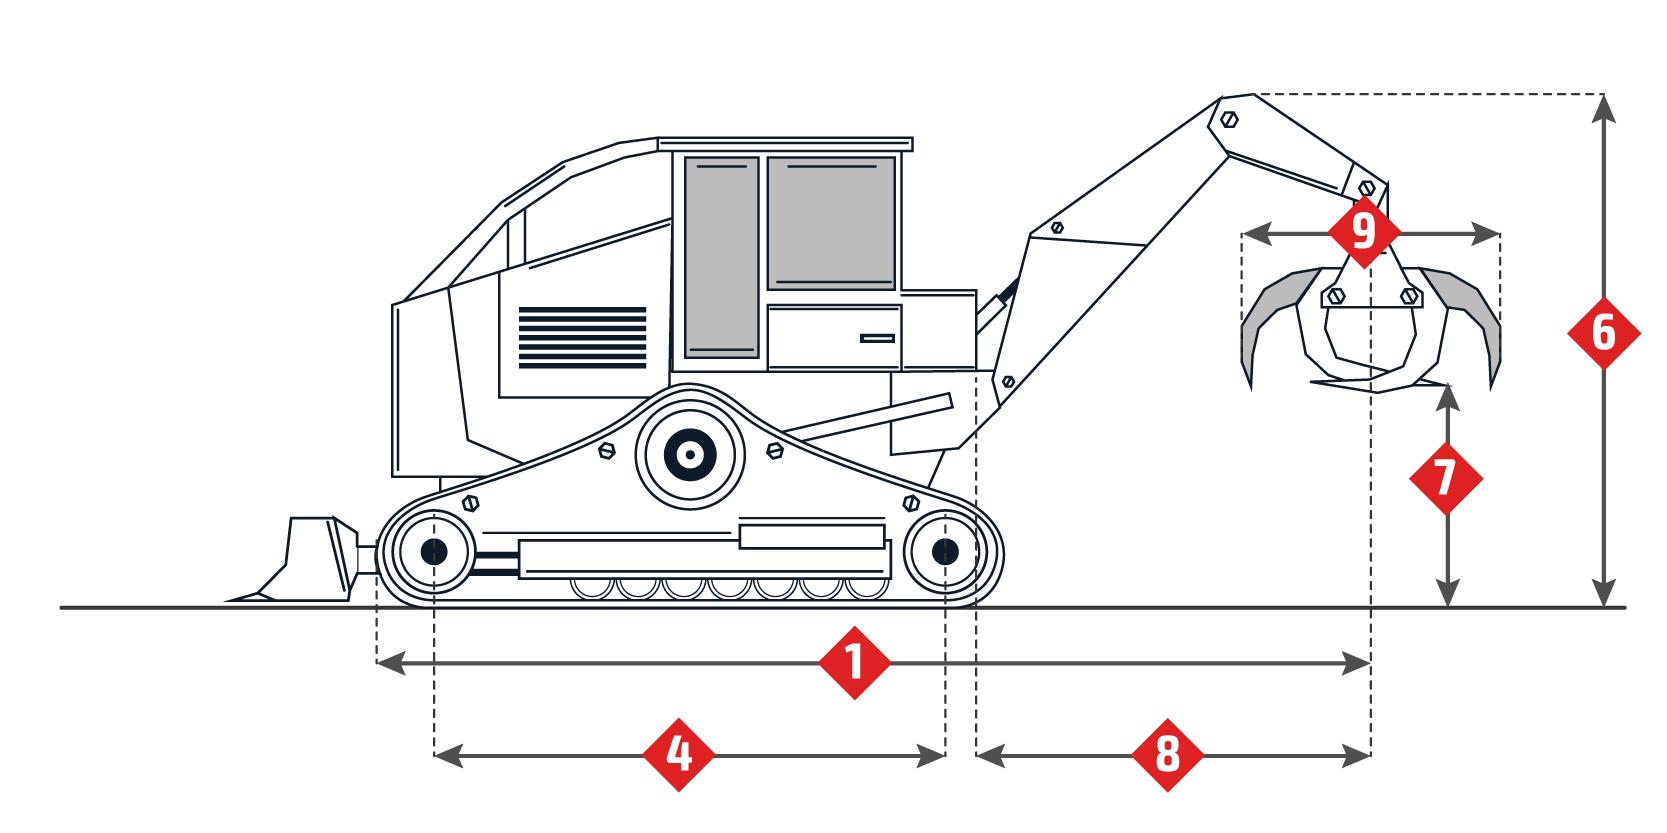 Caterpillar 527 Specifications Skidding Tractor Skidder